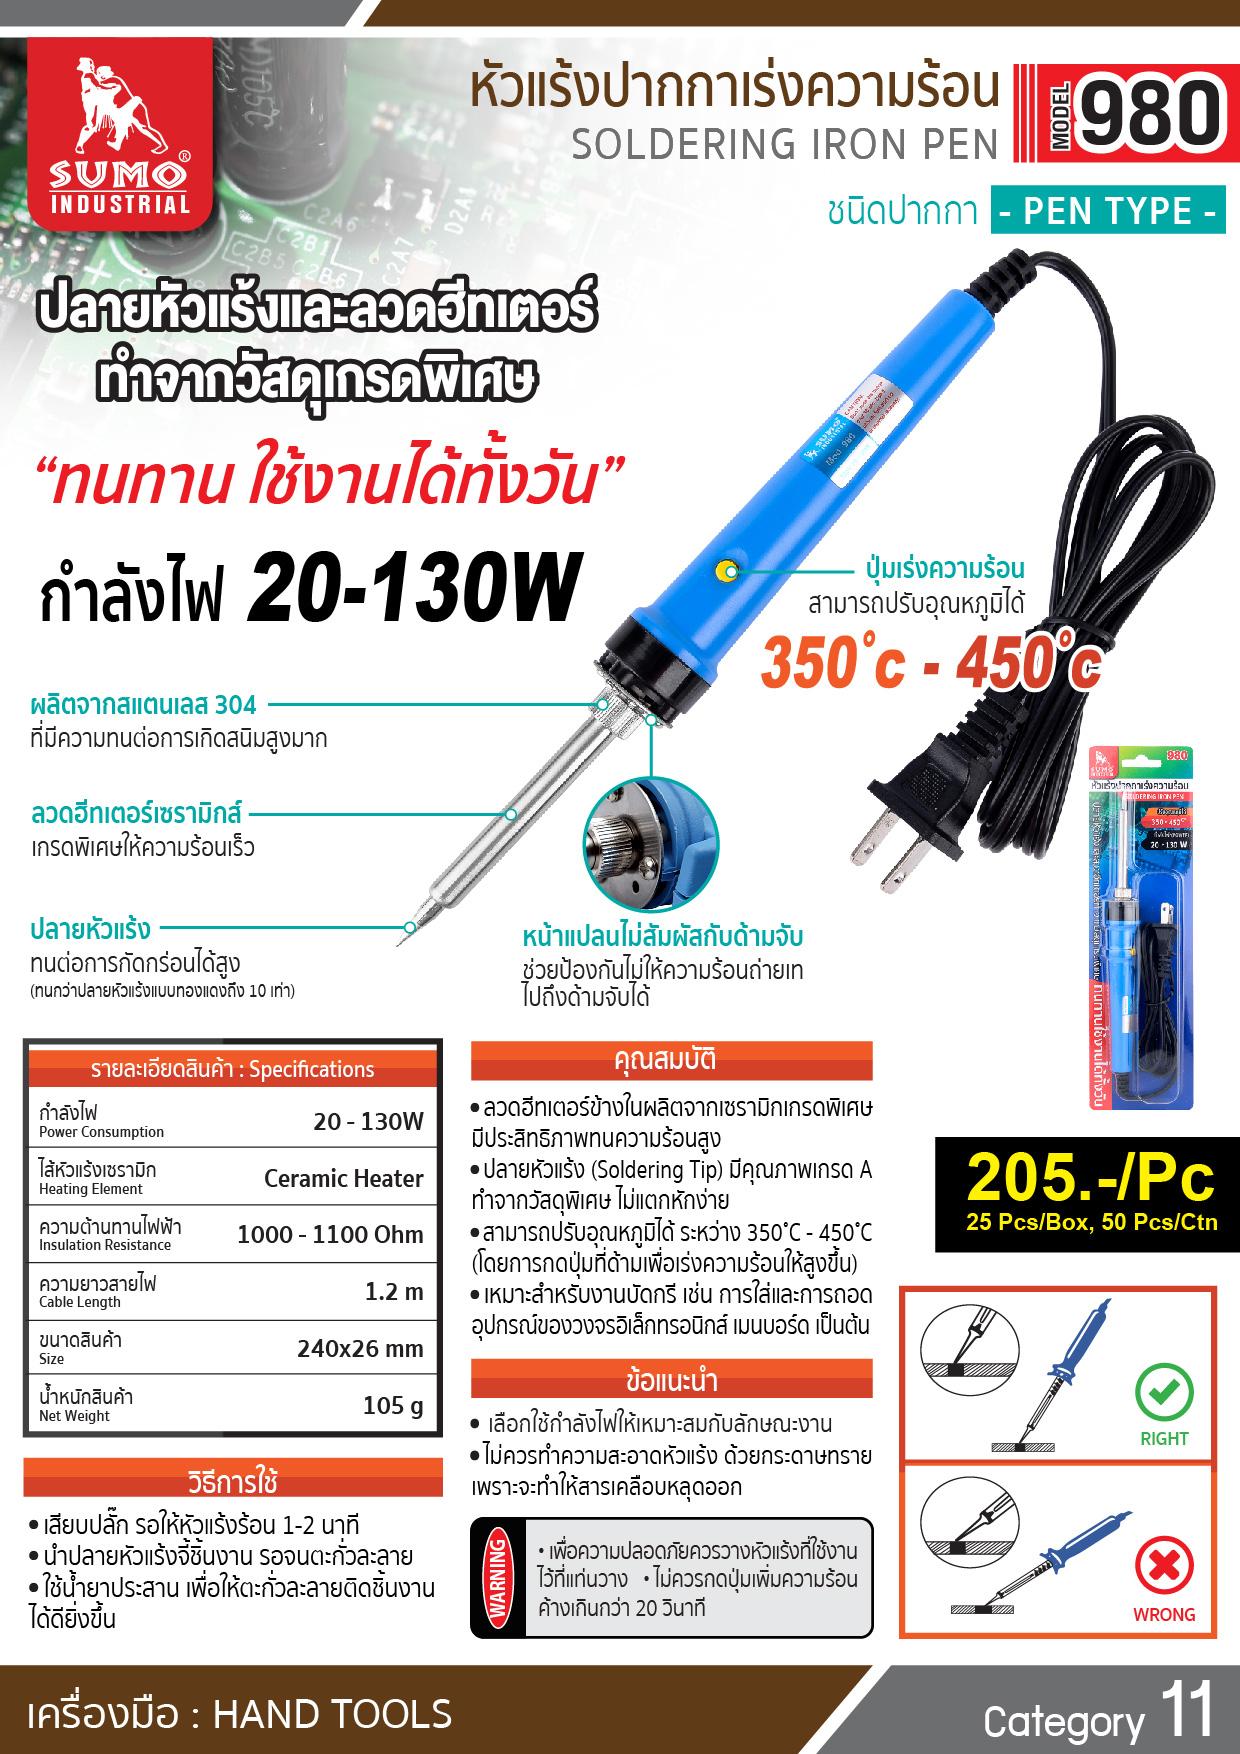 (47/132) หัวแร้งปากกาเร่งความร้อน รุ่น 980